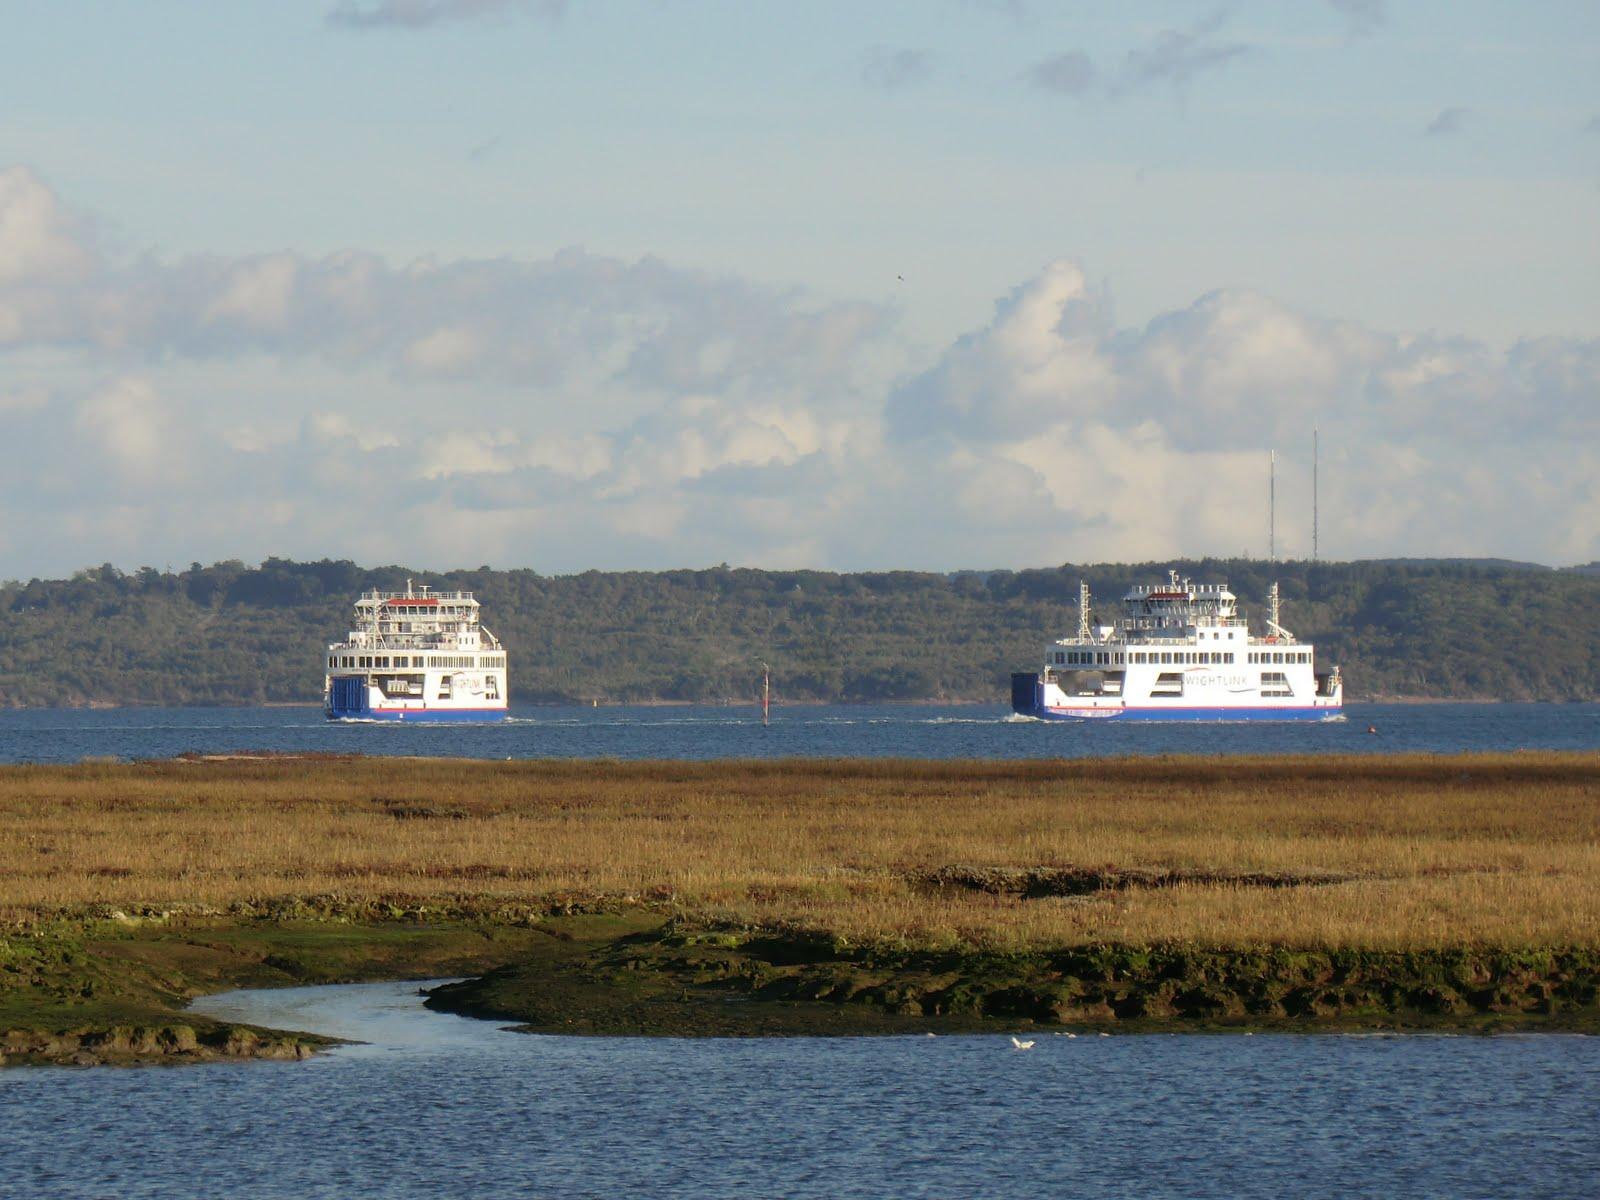 CIMG5150 Wightlink ferries crossing the Solent